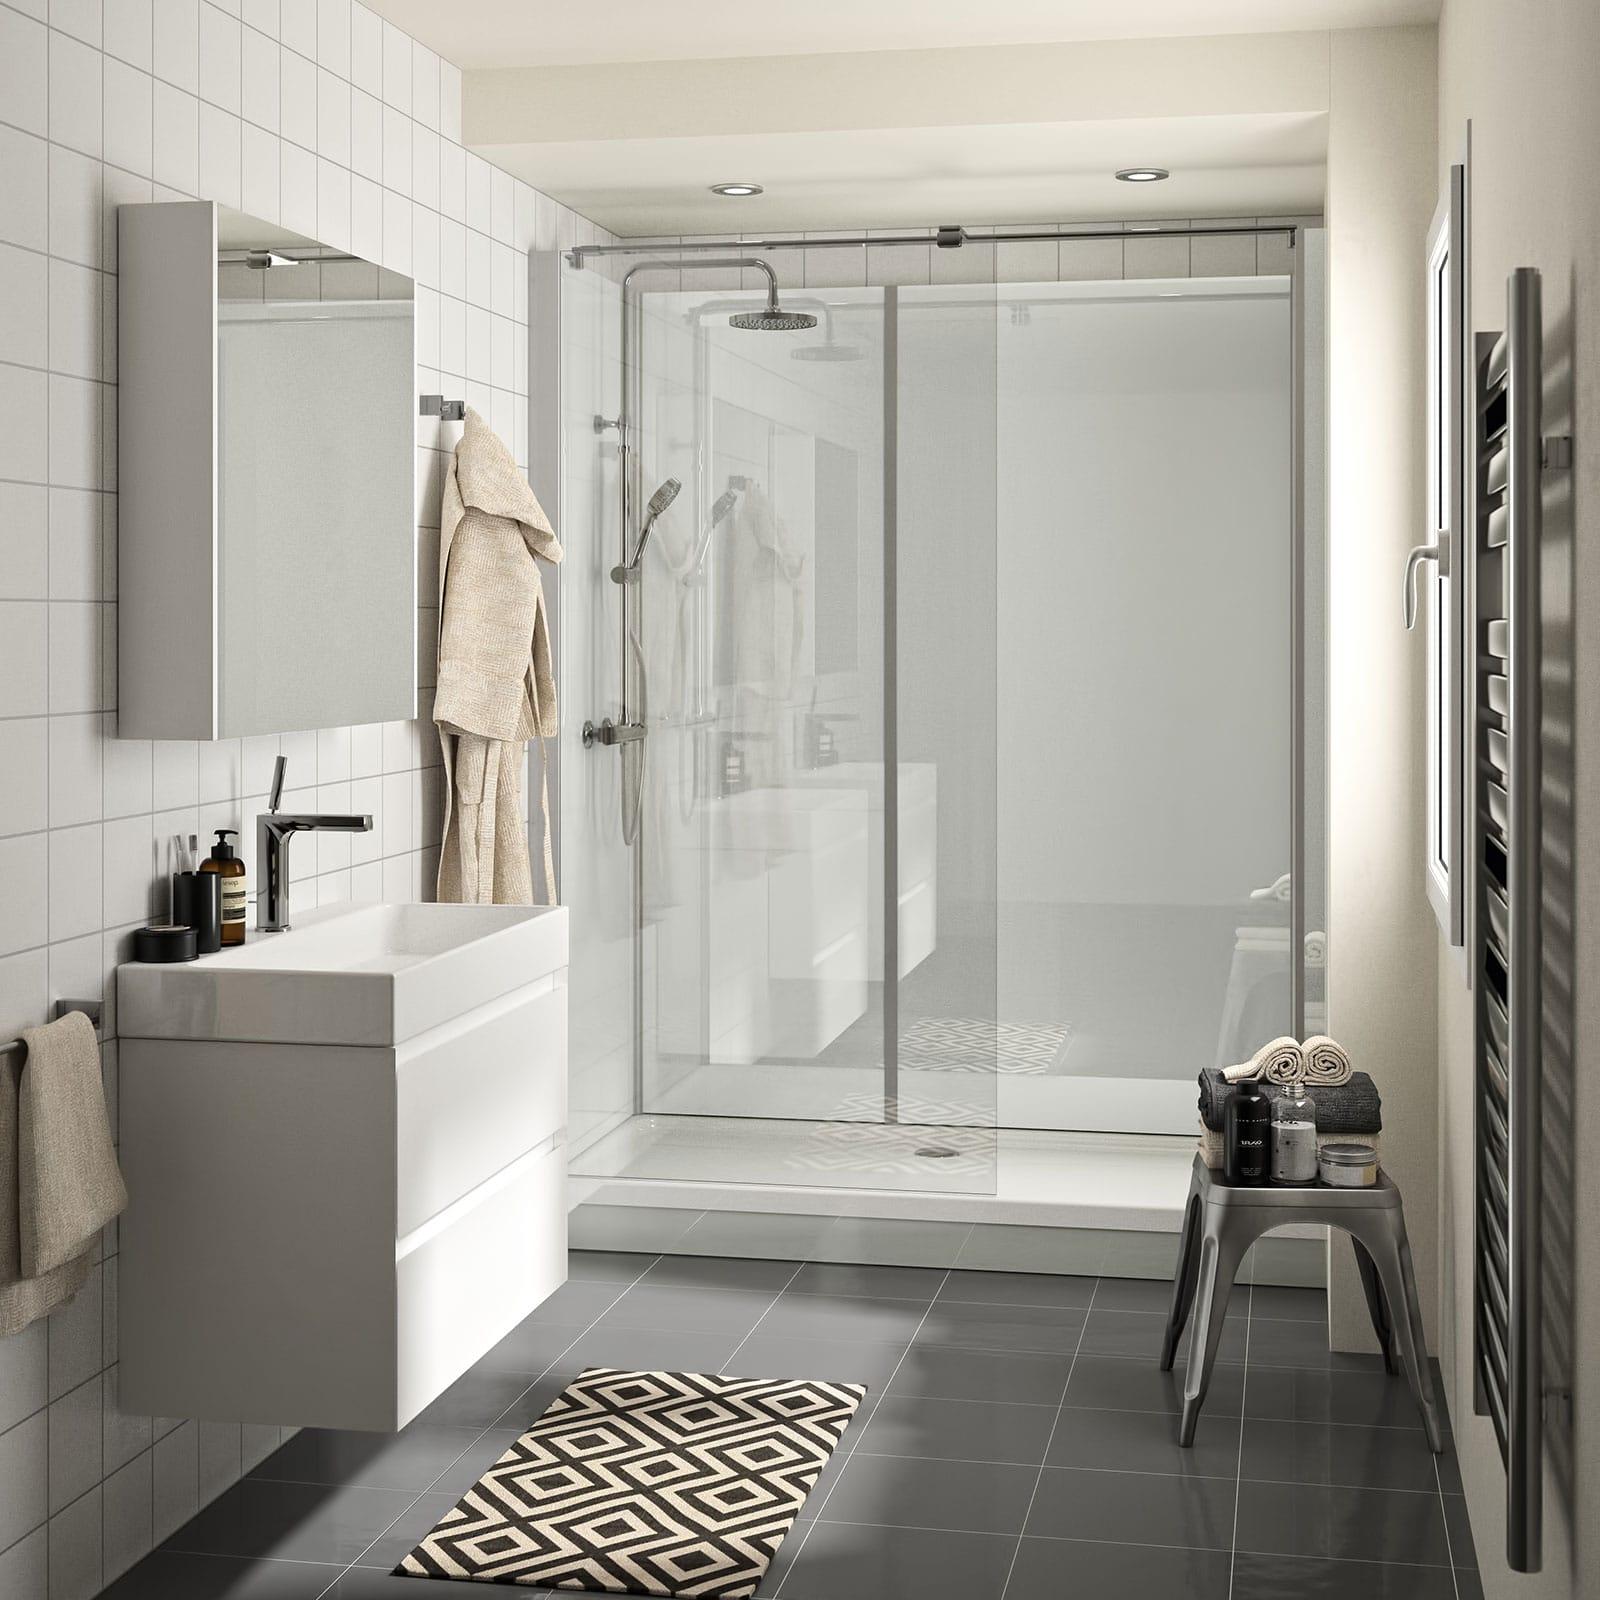 Raum im Wandel Teilsanierung Dusche auf Wanne